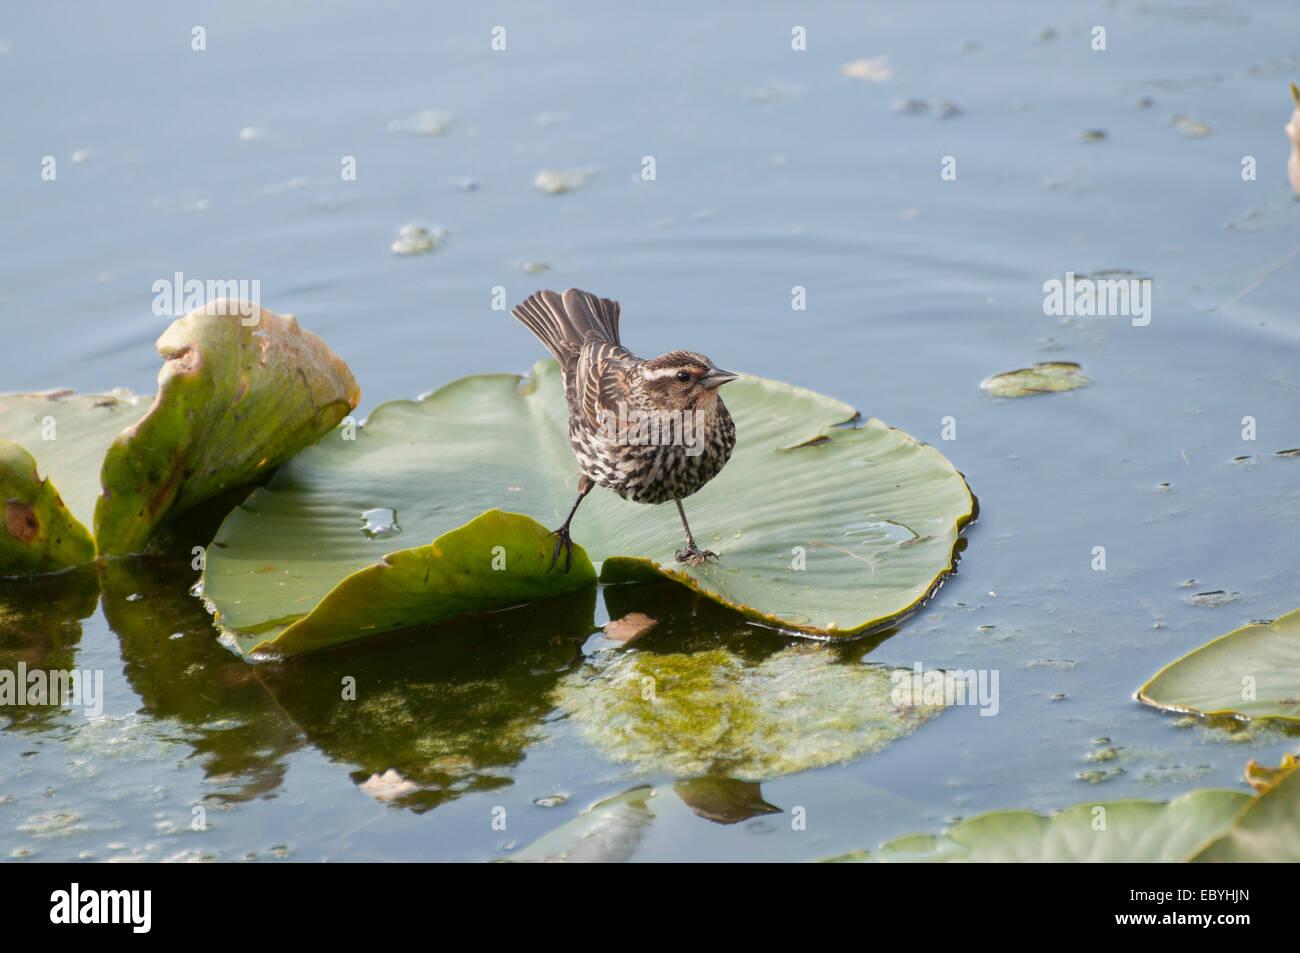 Lily Pad Bird Stock Photos & Lily Pad Bird Stock Images - Alamy